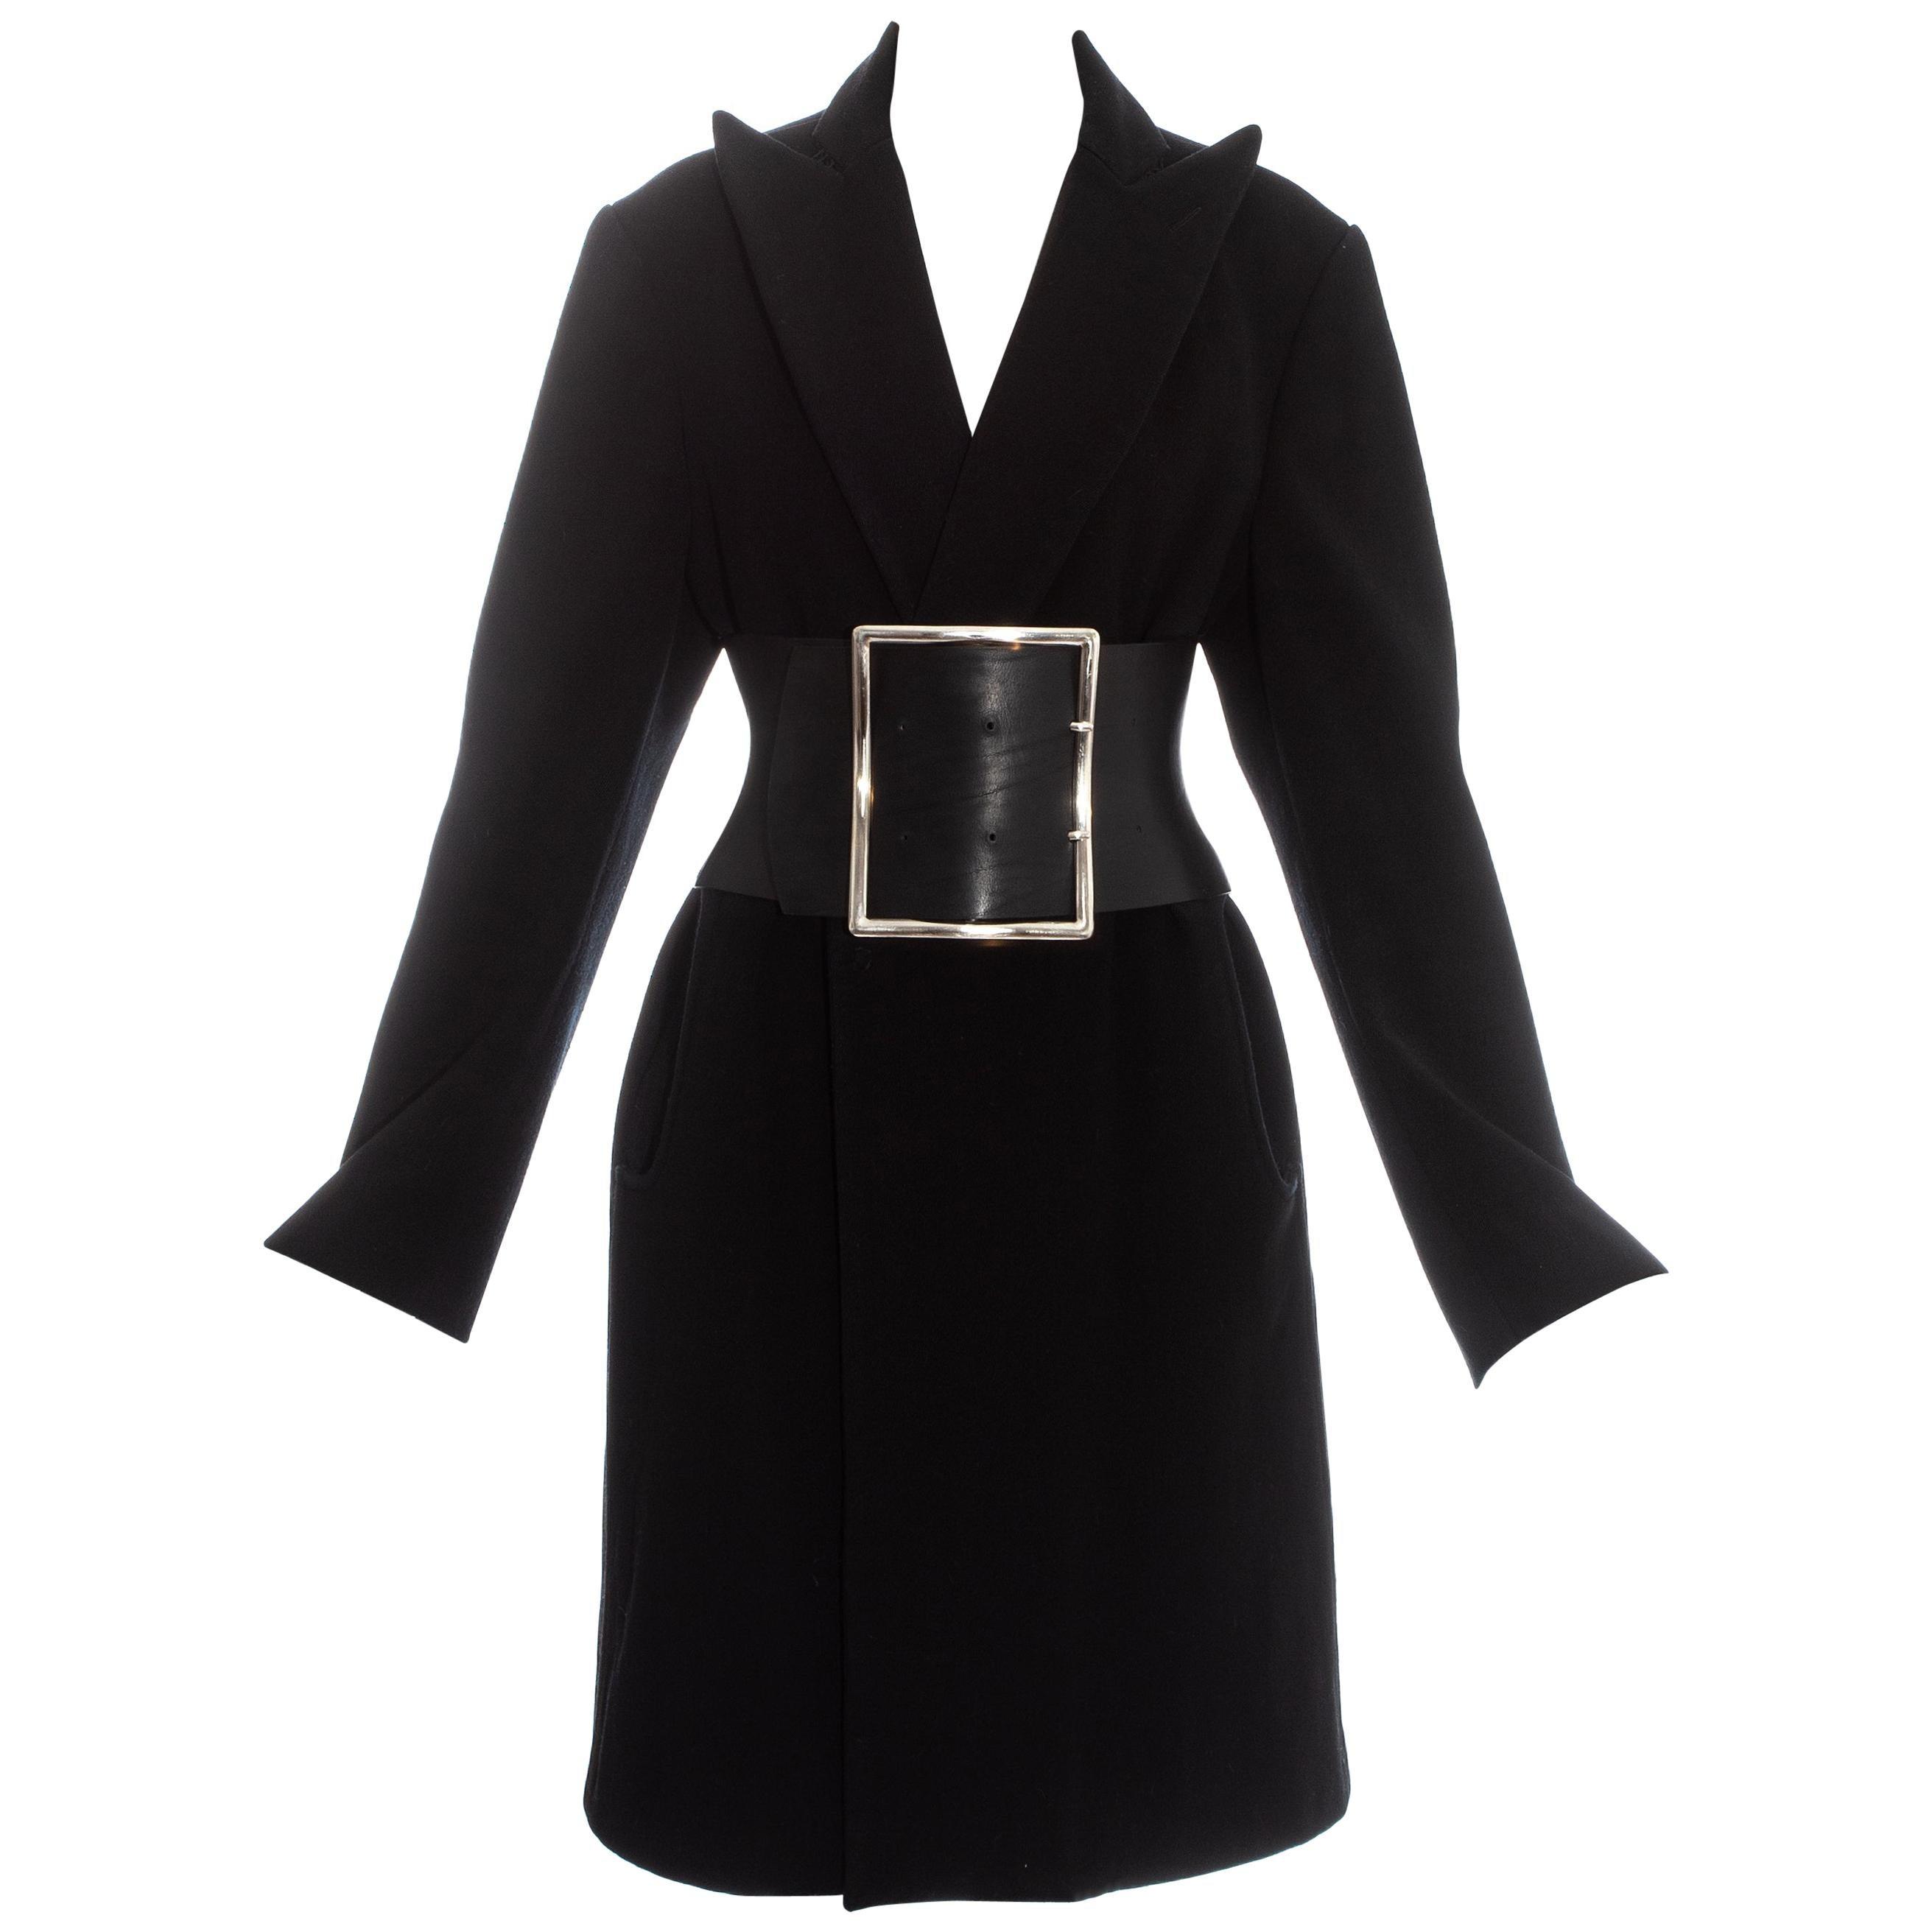 Margiela black wool oversized coat with leather Obi belt, fw 1996